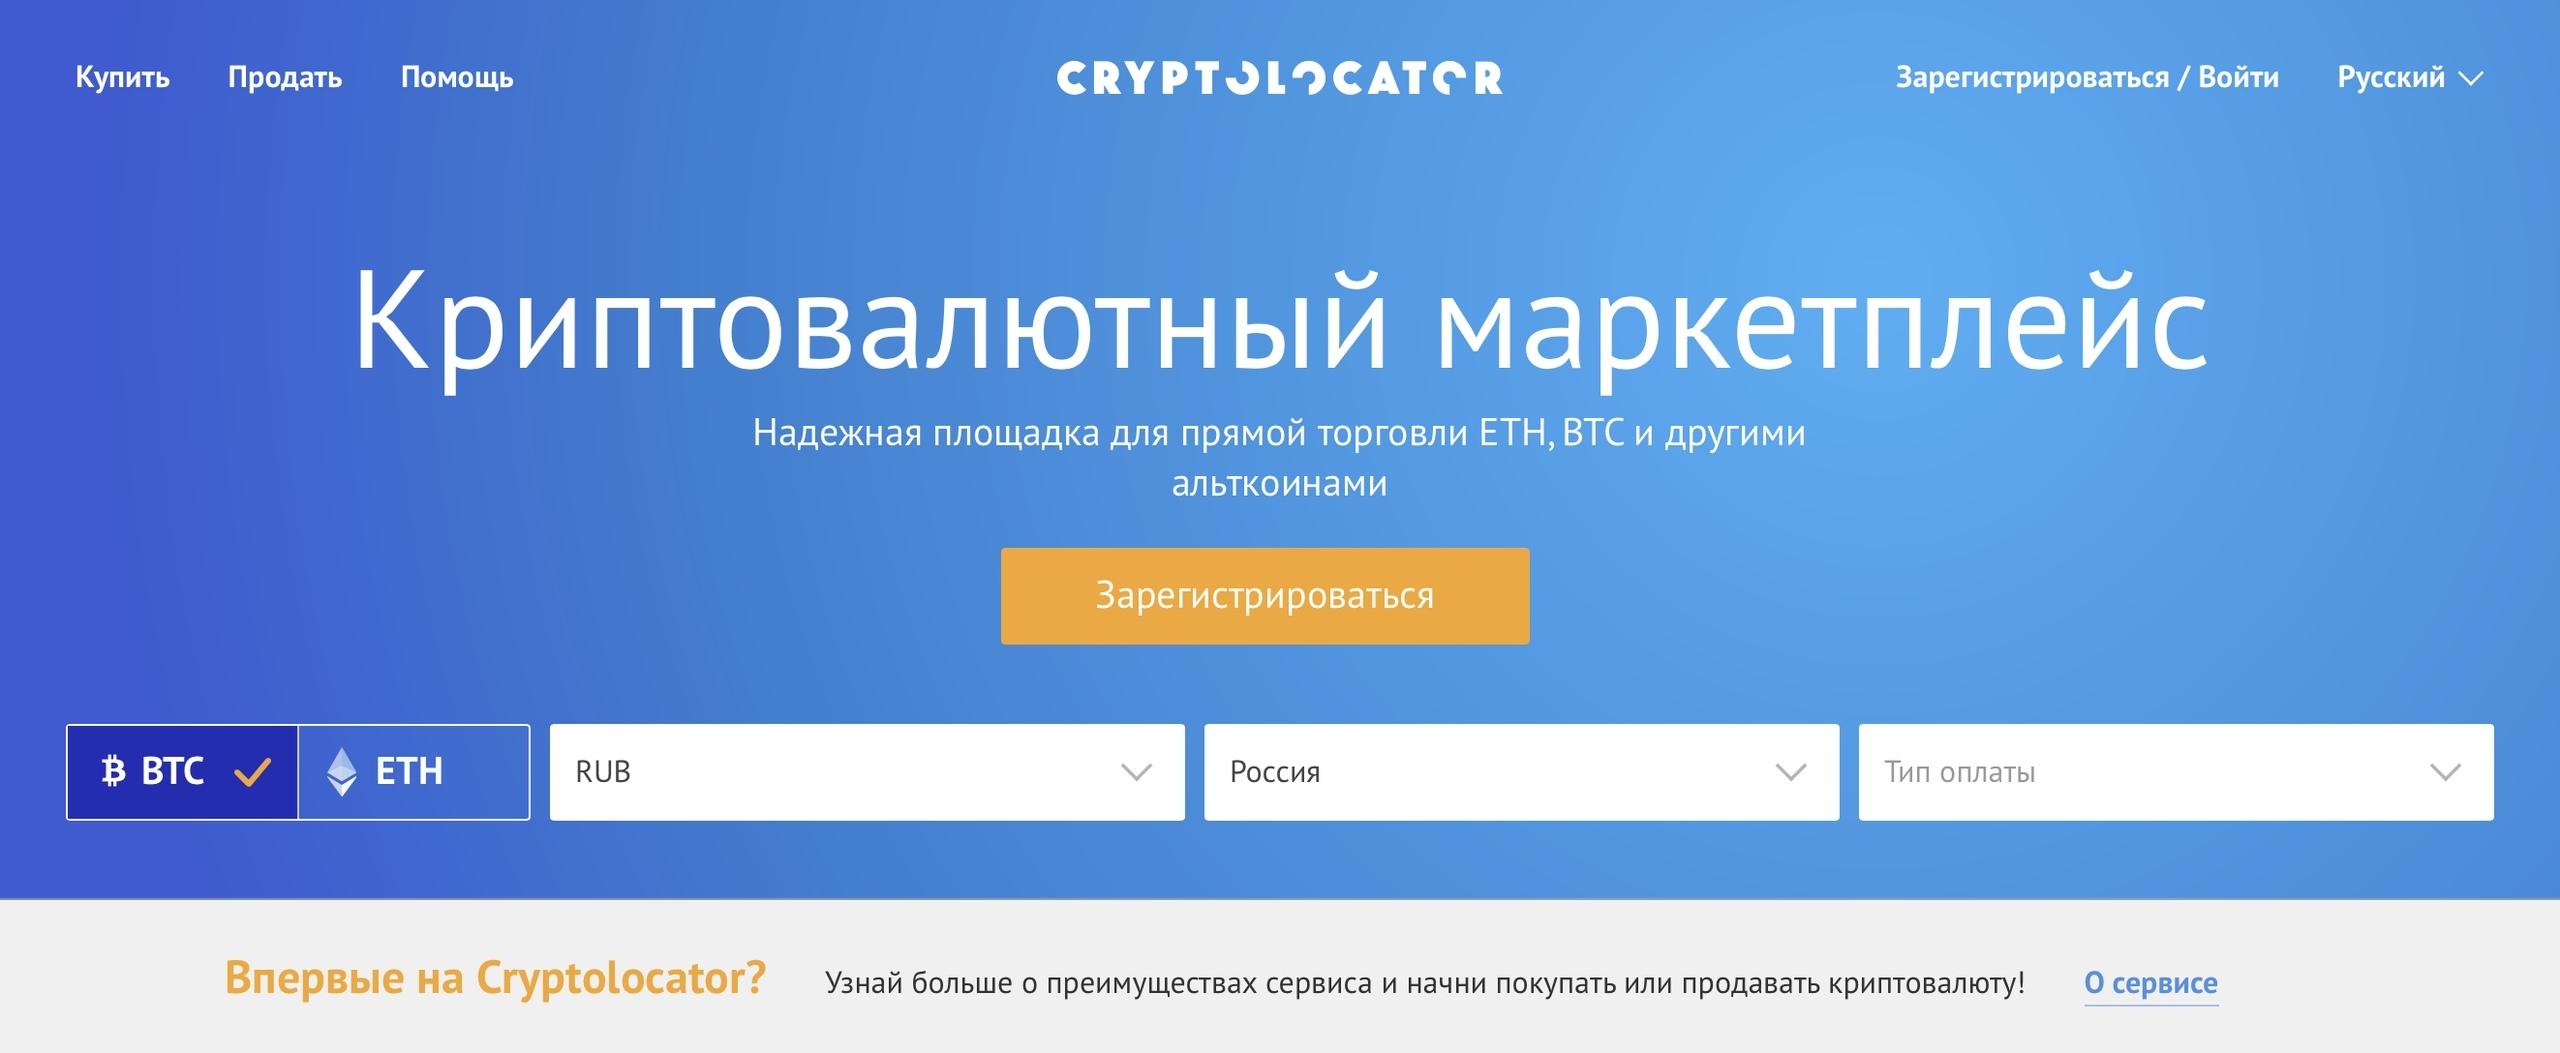 Cryptolocator быстрая и надежная P2P платформа | Обмен BTC и ETH